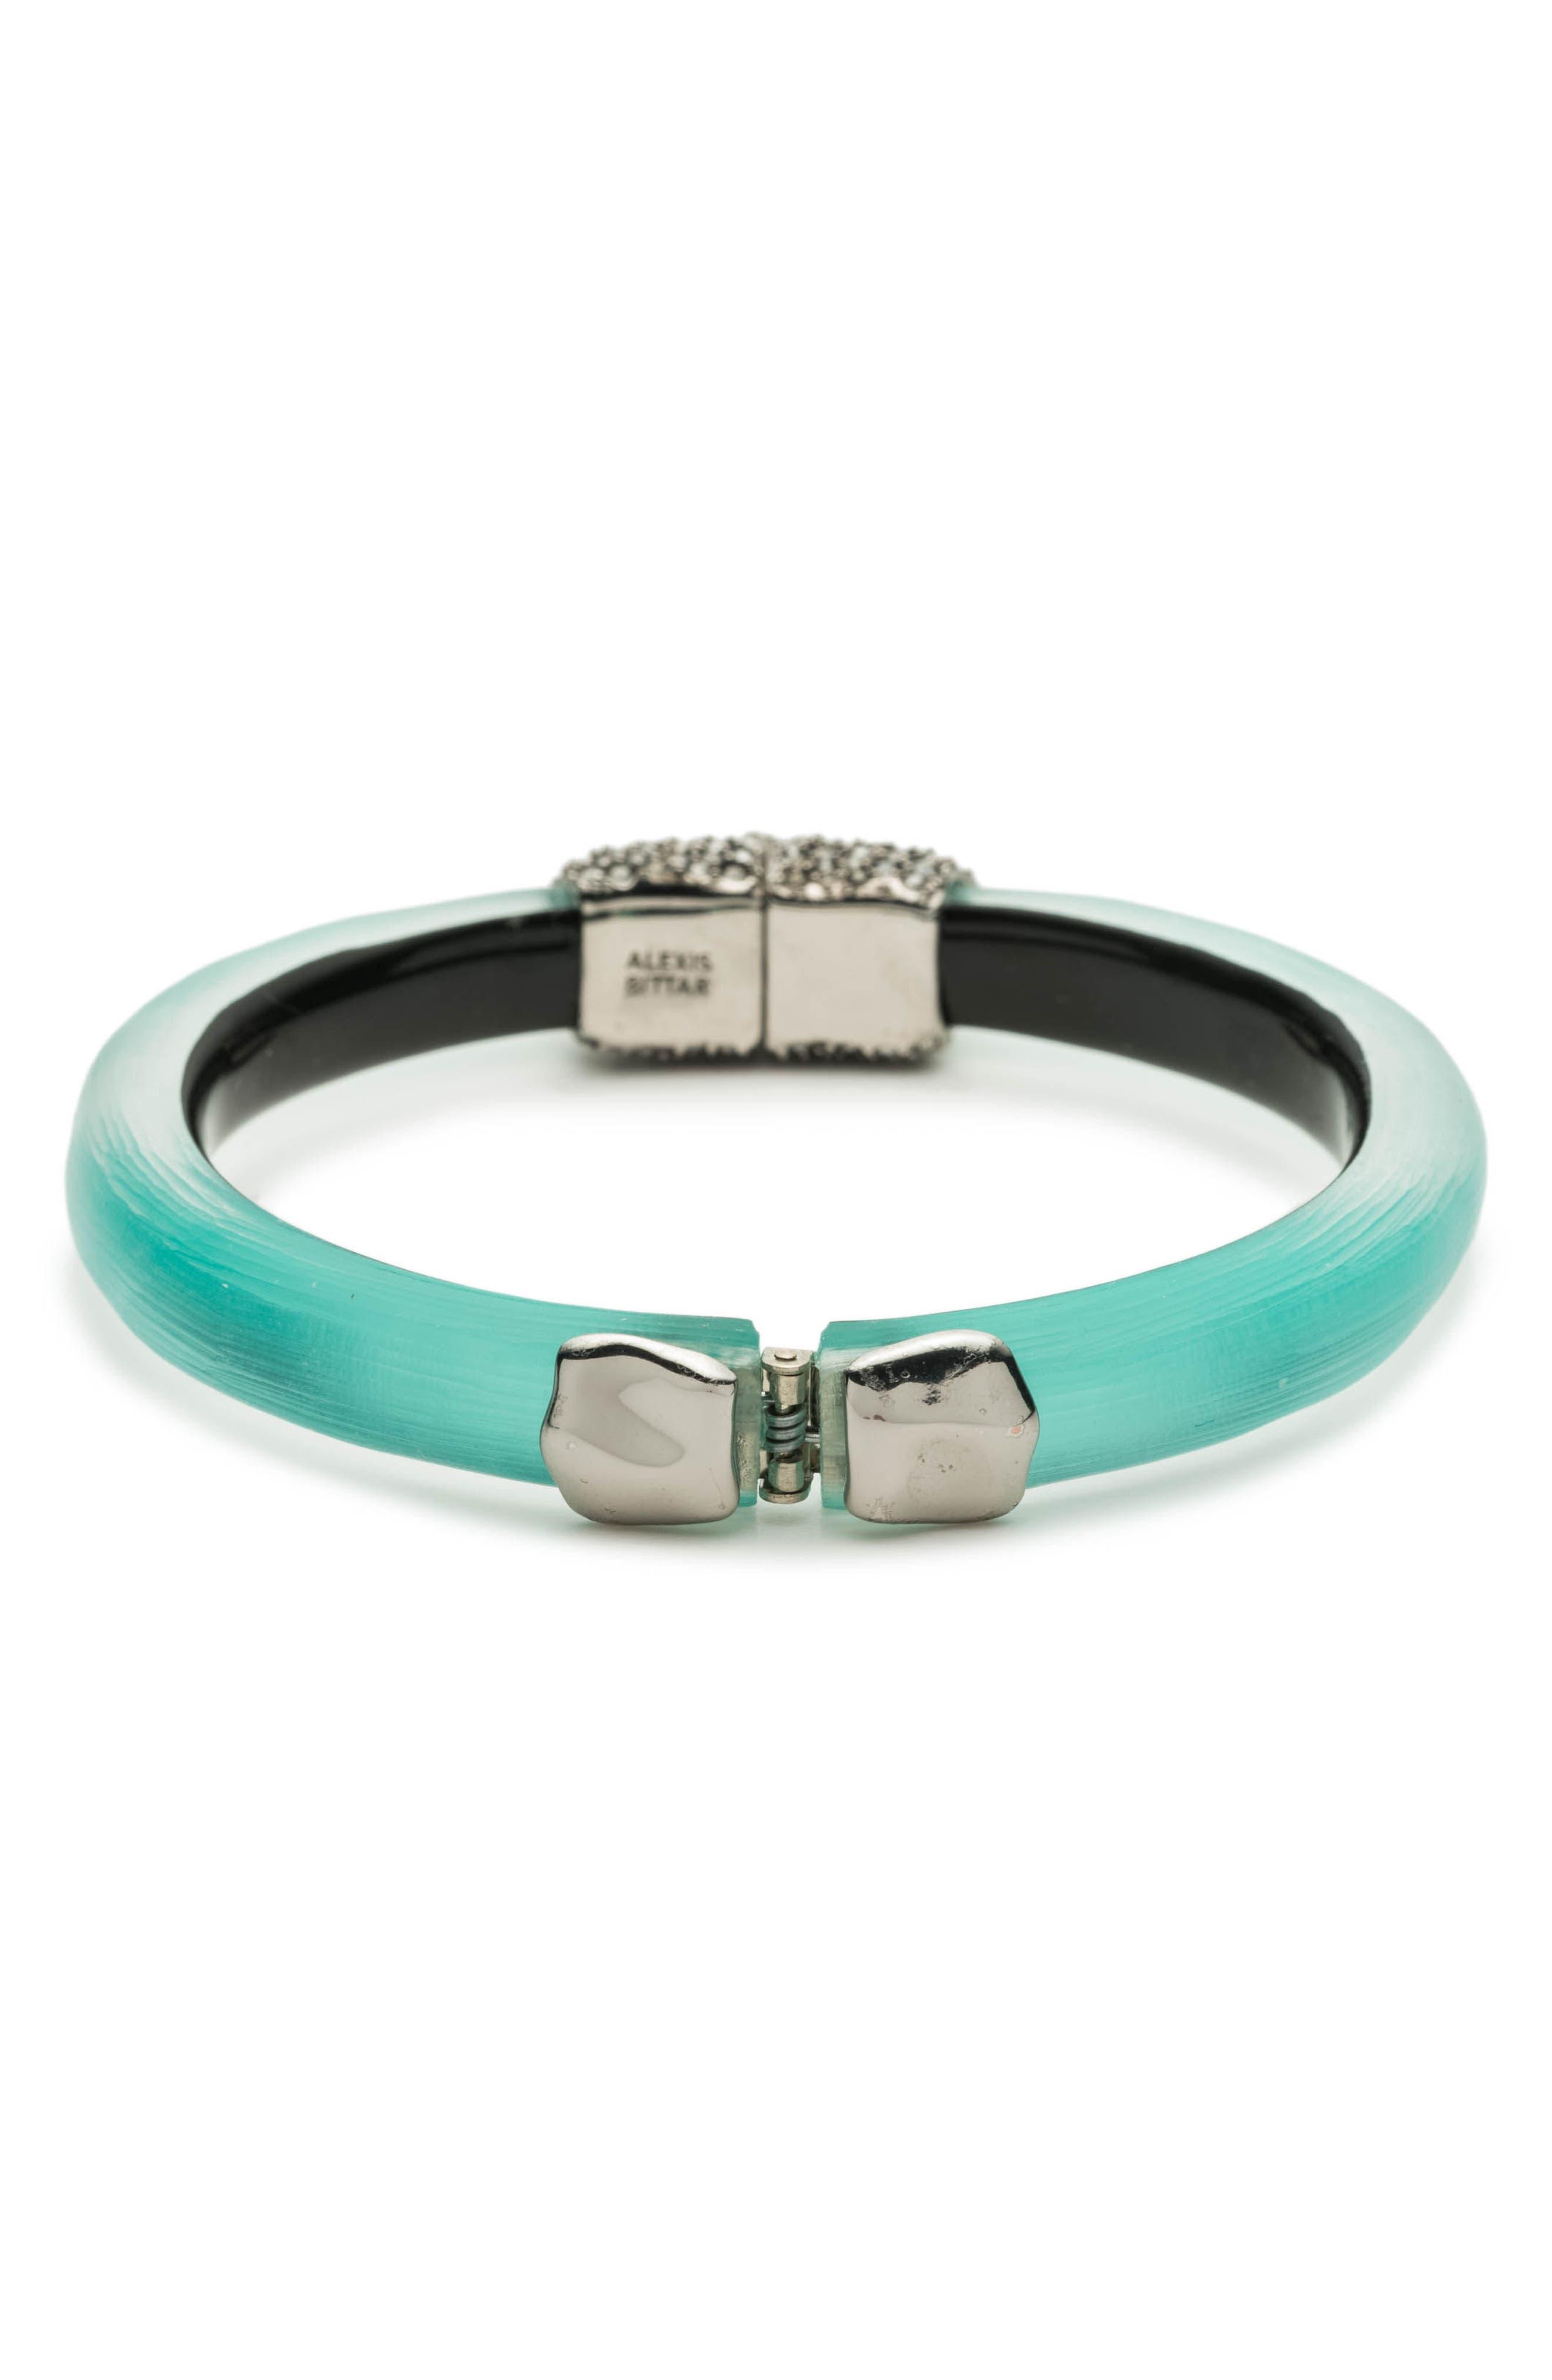 Skinny Hinge Bracelet,                             Alternate thumbnail 2, color,                             Mint Green